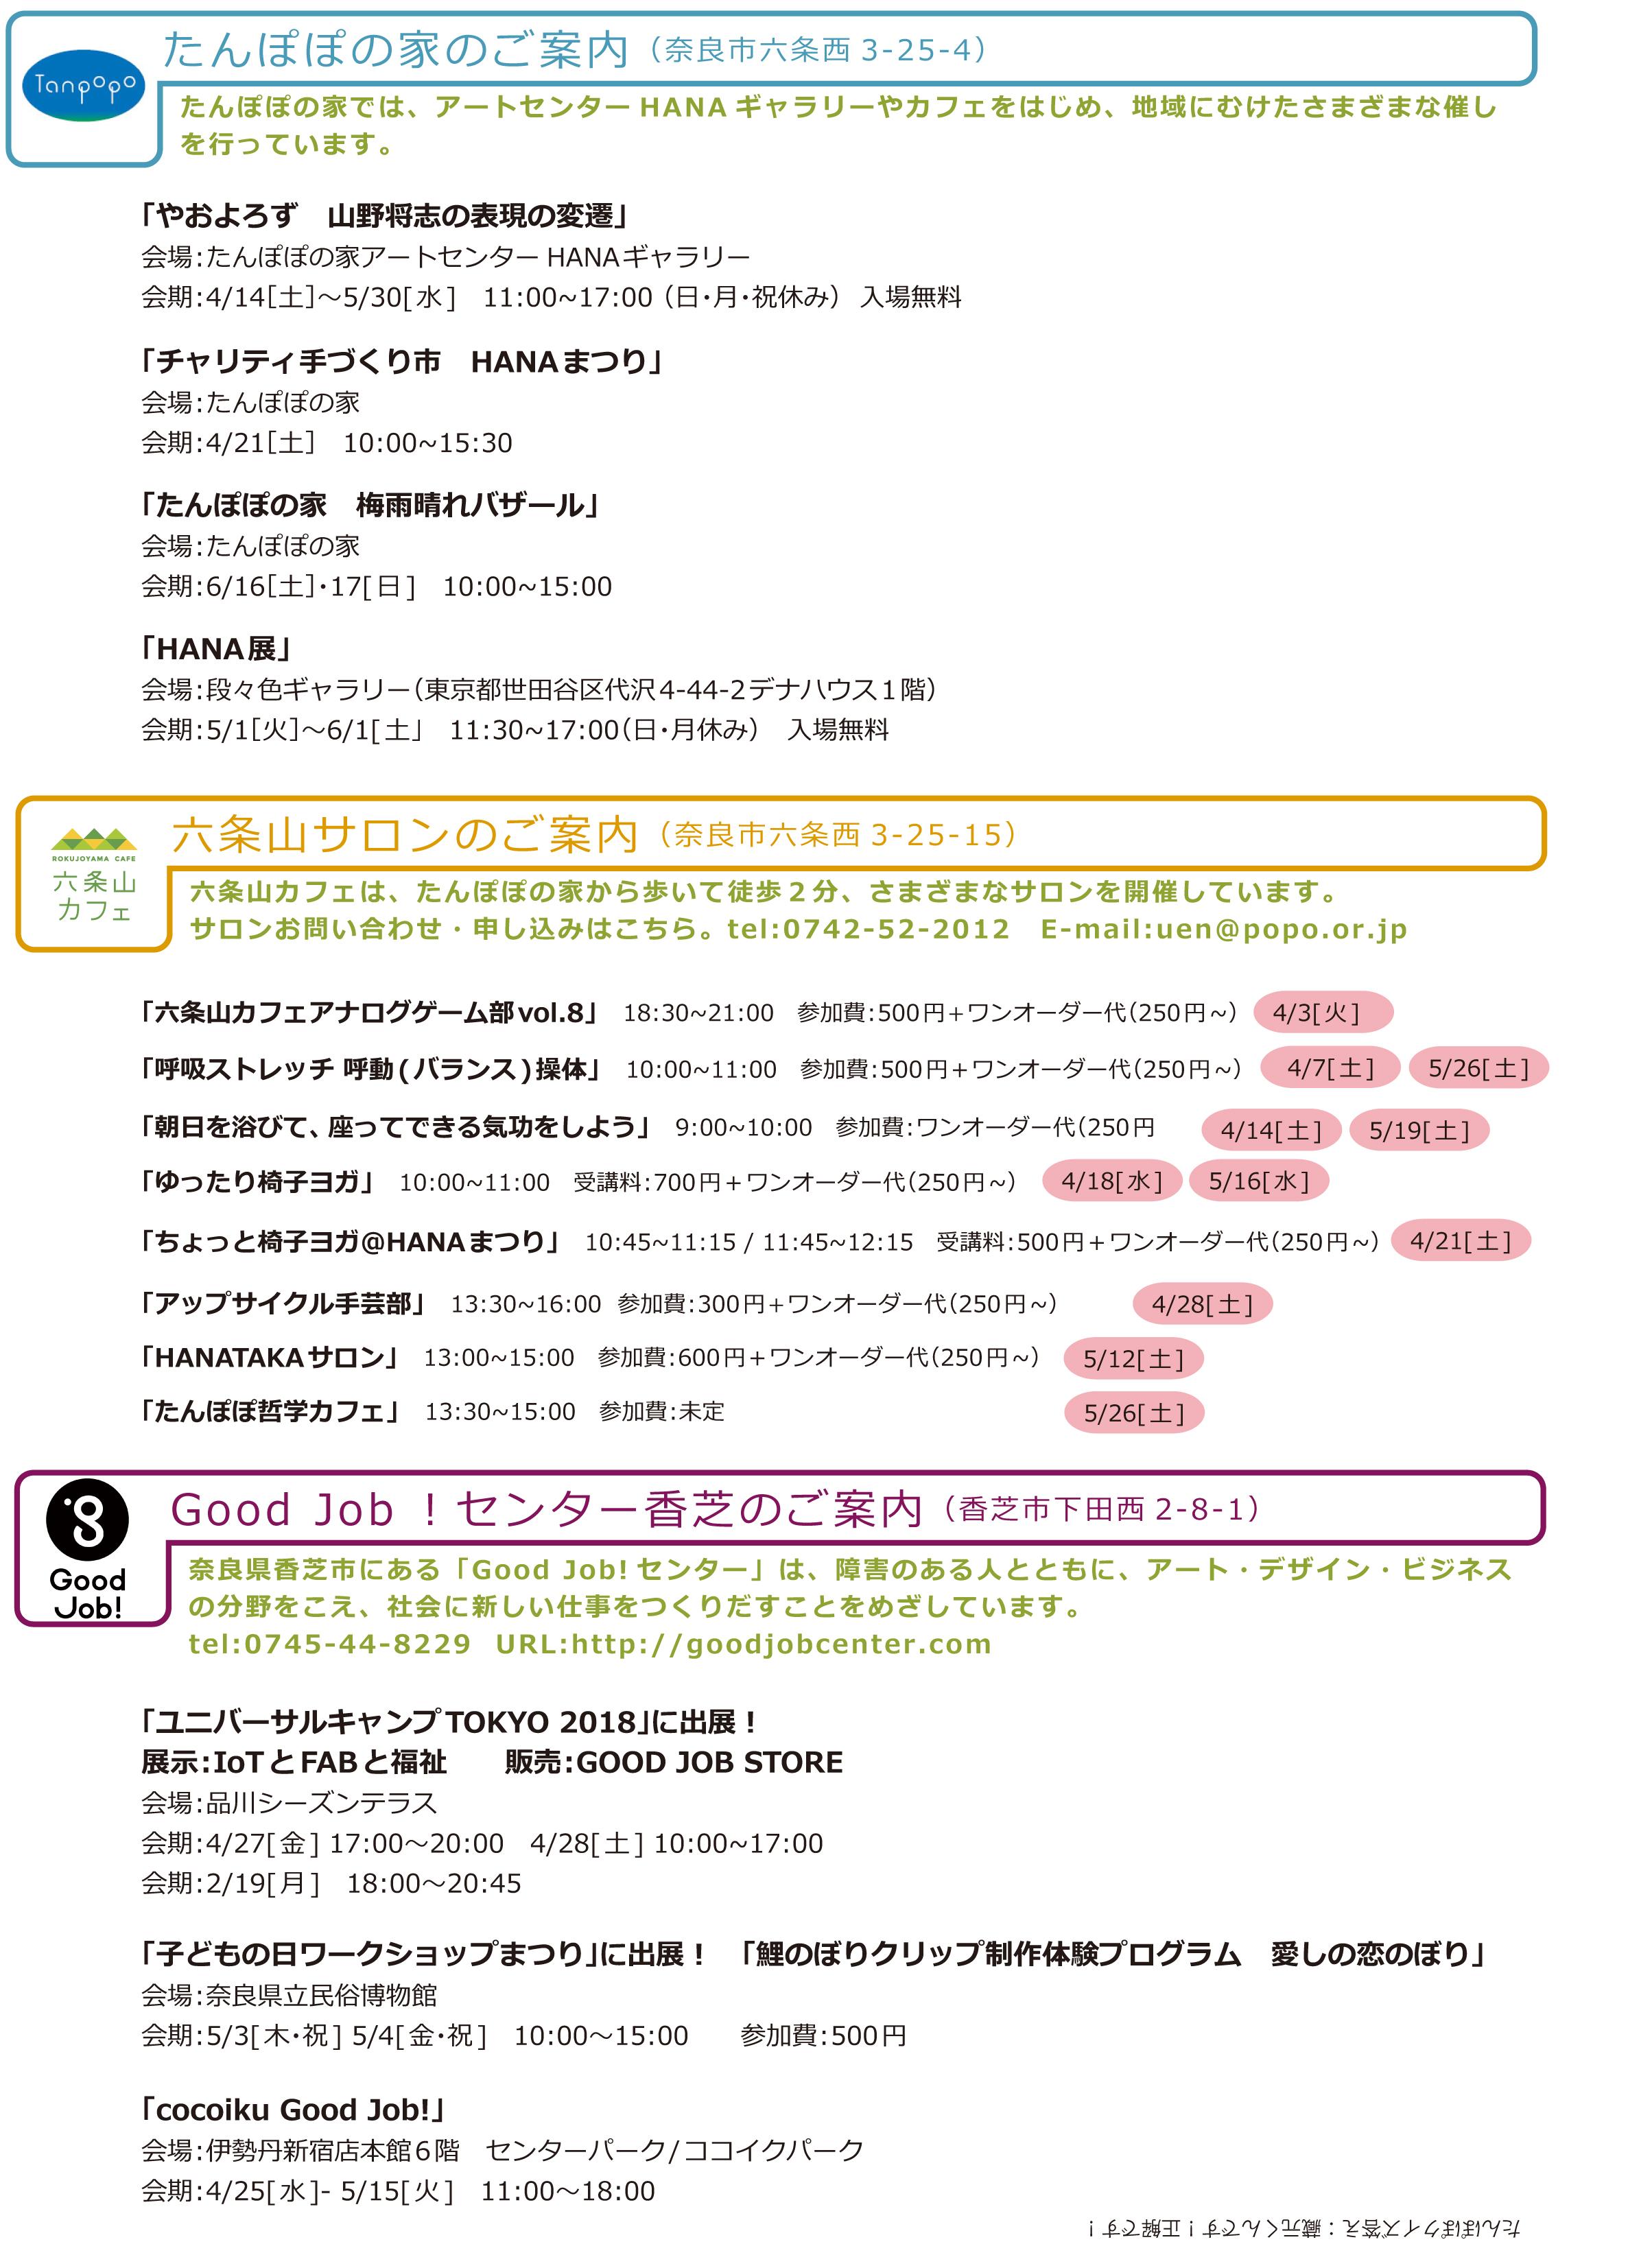 tan-tsu_2018_0405表1表6